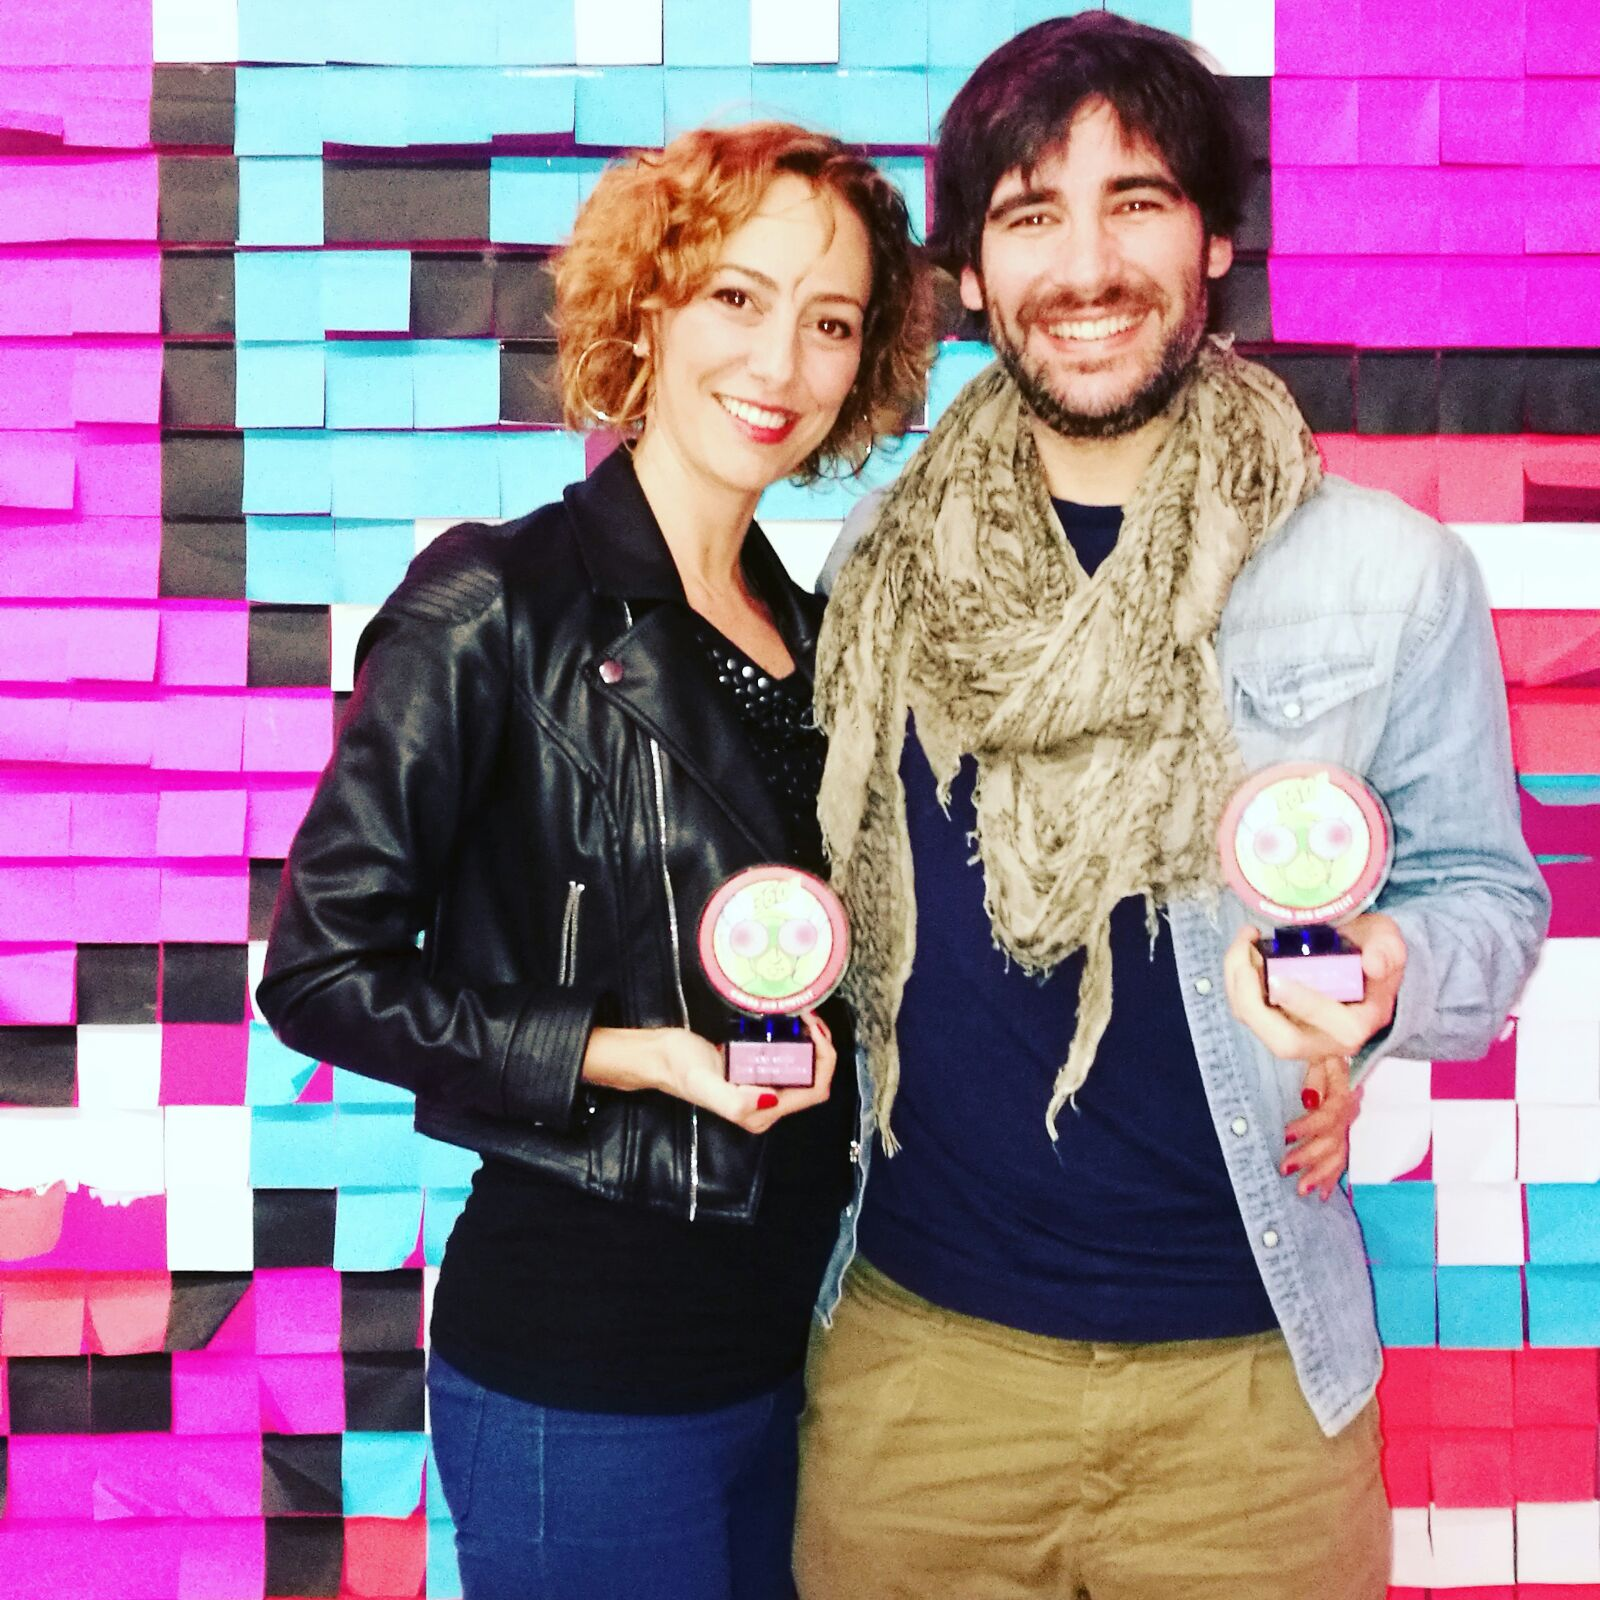 ÁNIMA obtiene reconocimiento nacional al ganar dos premios en el Cinema 360º Contest